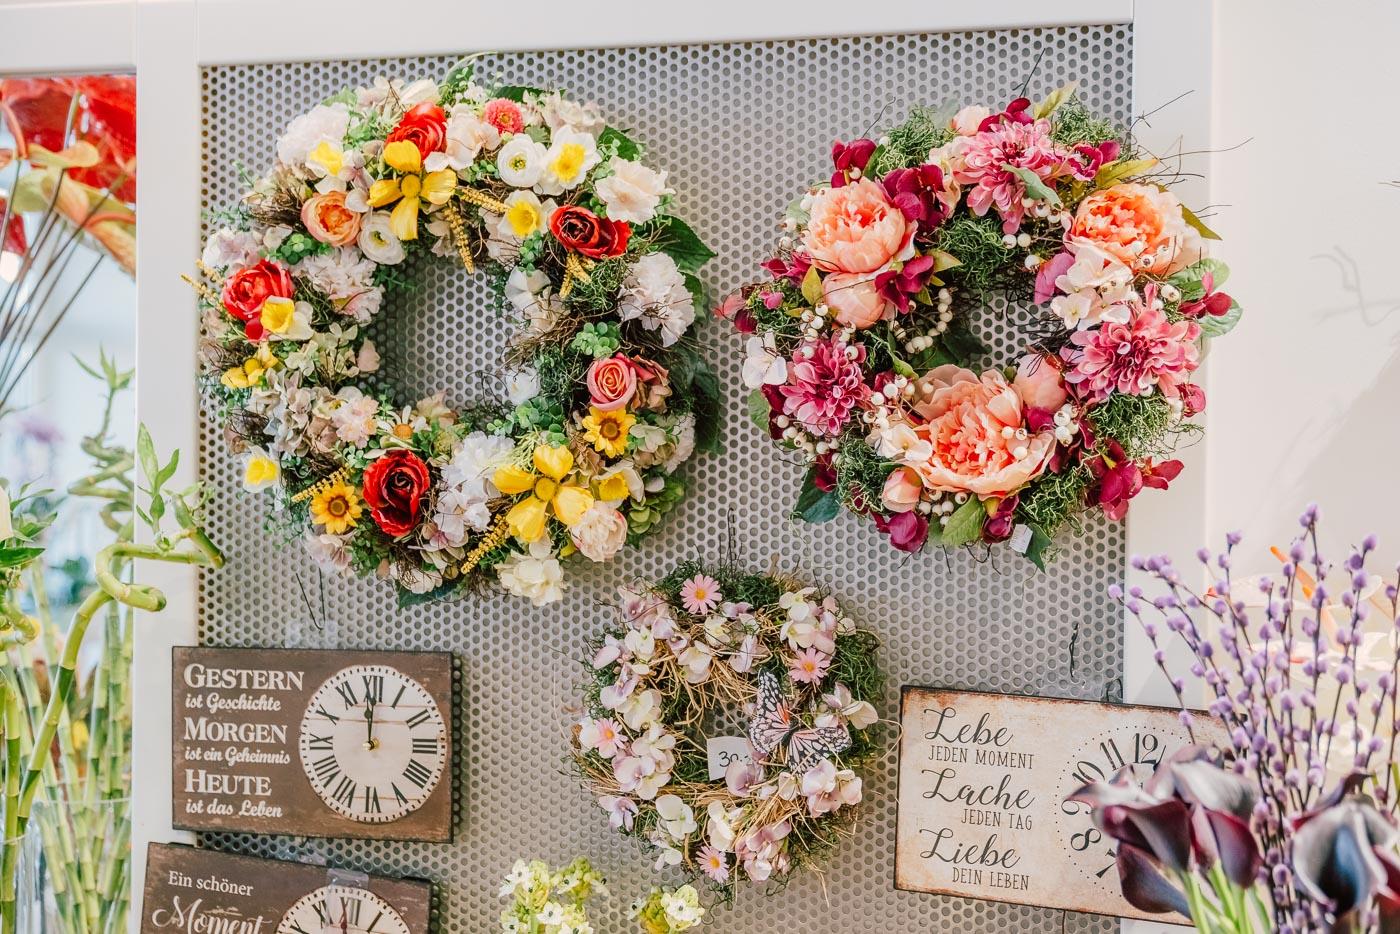 Blumen-Gaby-Strohmeier-geschenkartikel-feb20-6